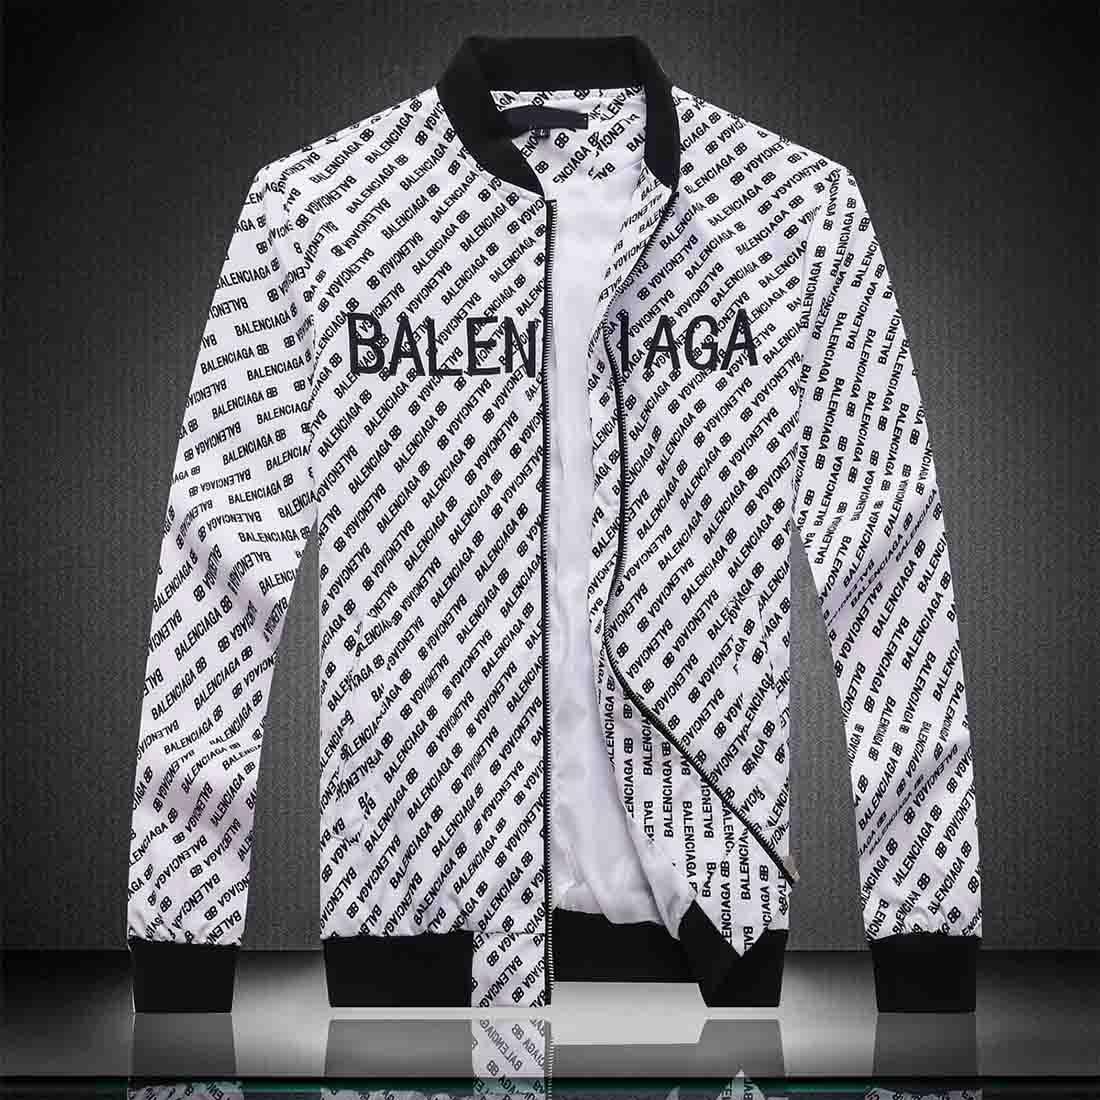 Mens clothin Ücretsiz nakliye Erkekler İlkbahar Sonbahar Windrunner ceket İnce Ceket Kaban, Erkekler spor rüzgarlık ceket patlama Siyah modeller çift